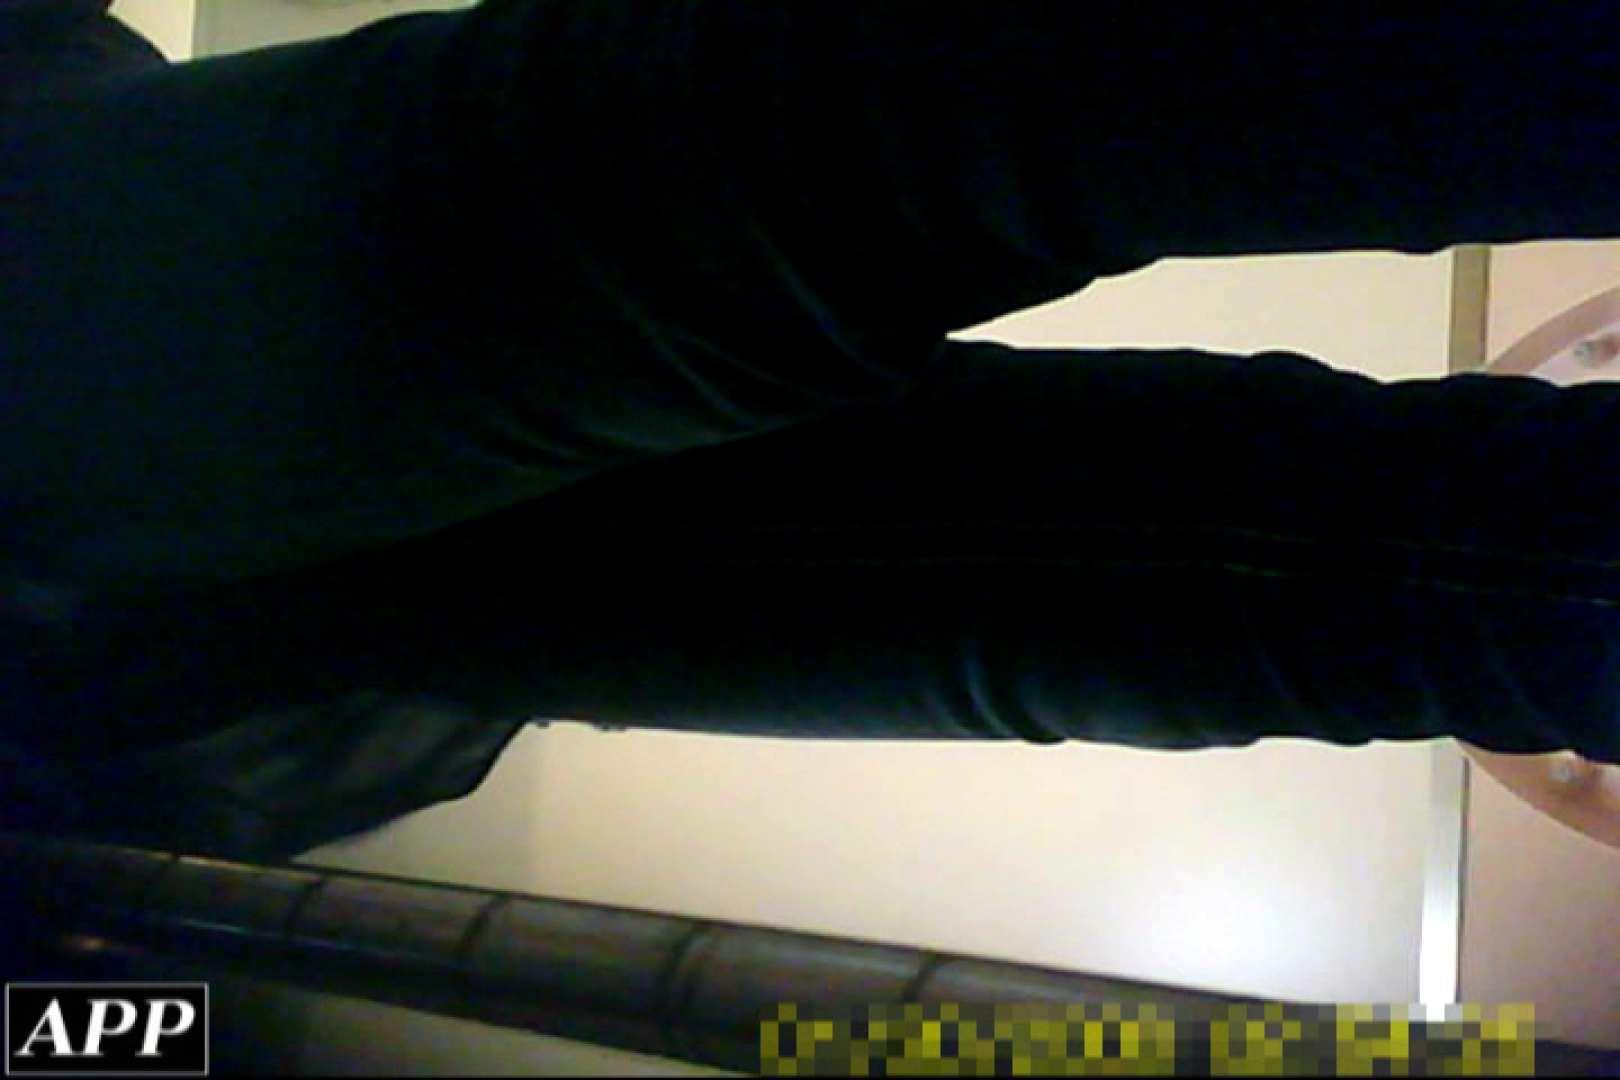 3視点洗面所 vol.139 お姉さん達のオマンコ エロ画像 92連発 30